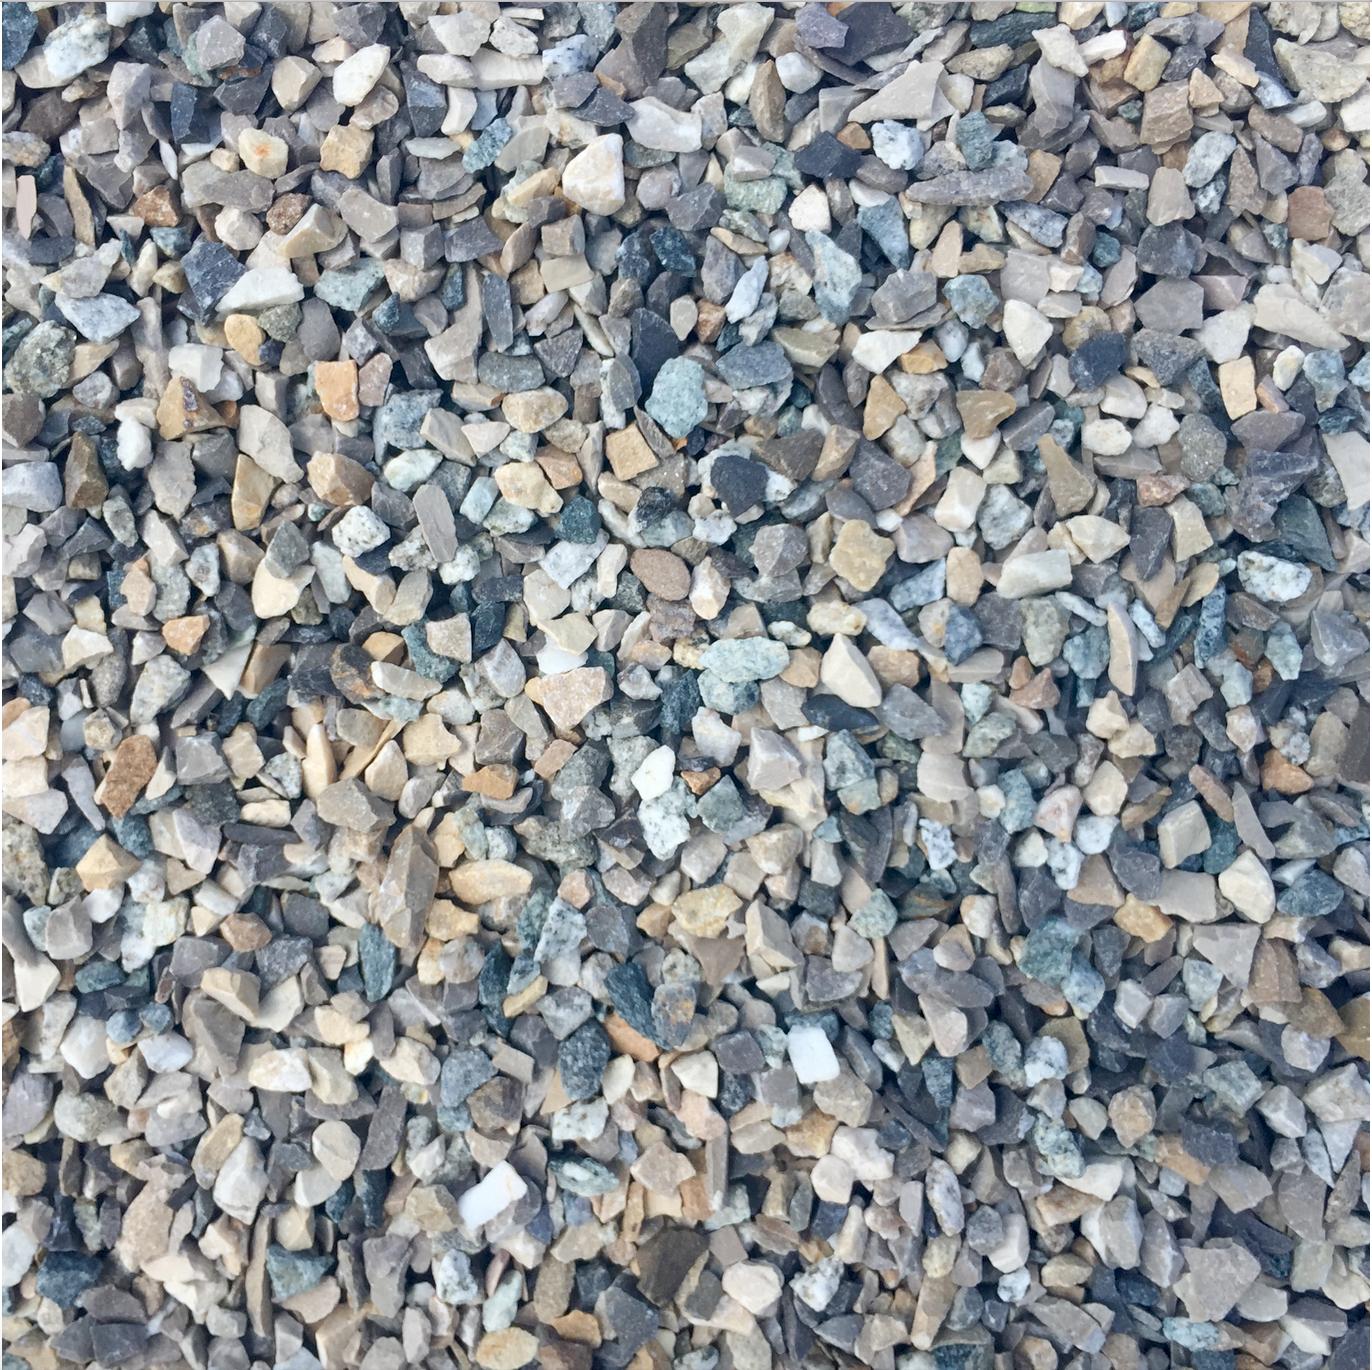 Gravier 4/6 Concassé Lavé (PATA) - 5M Matériaux